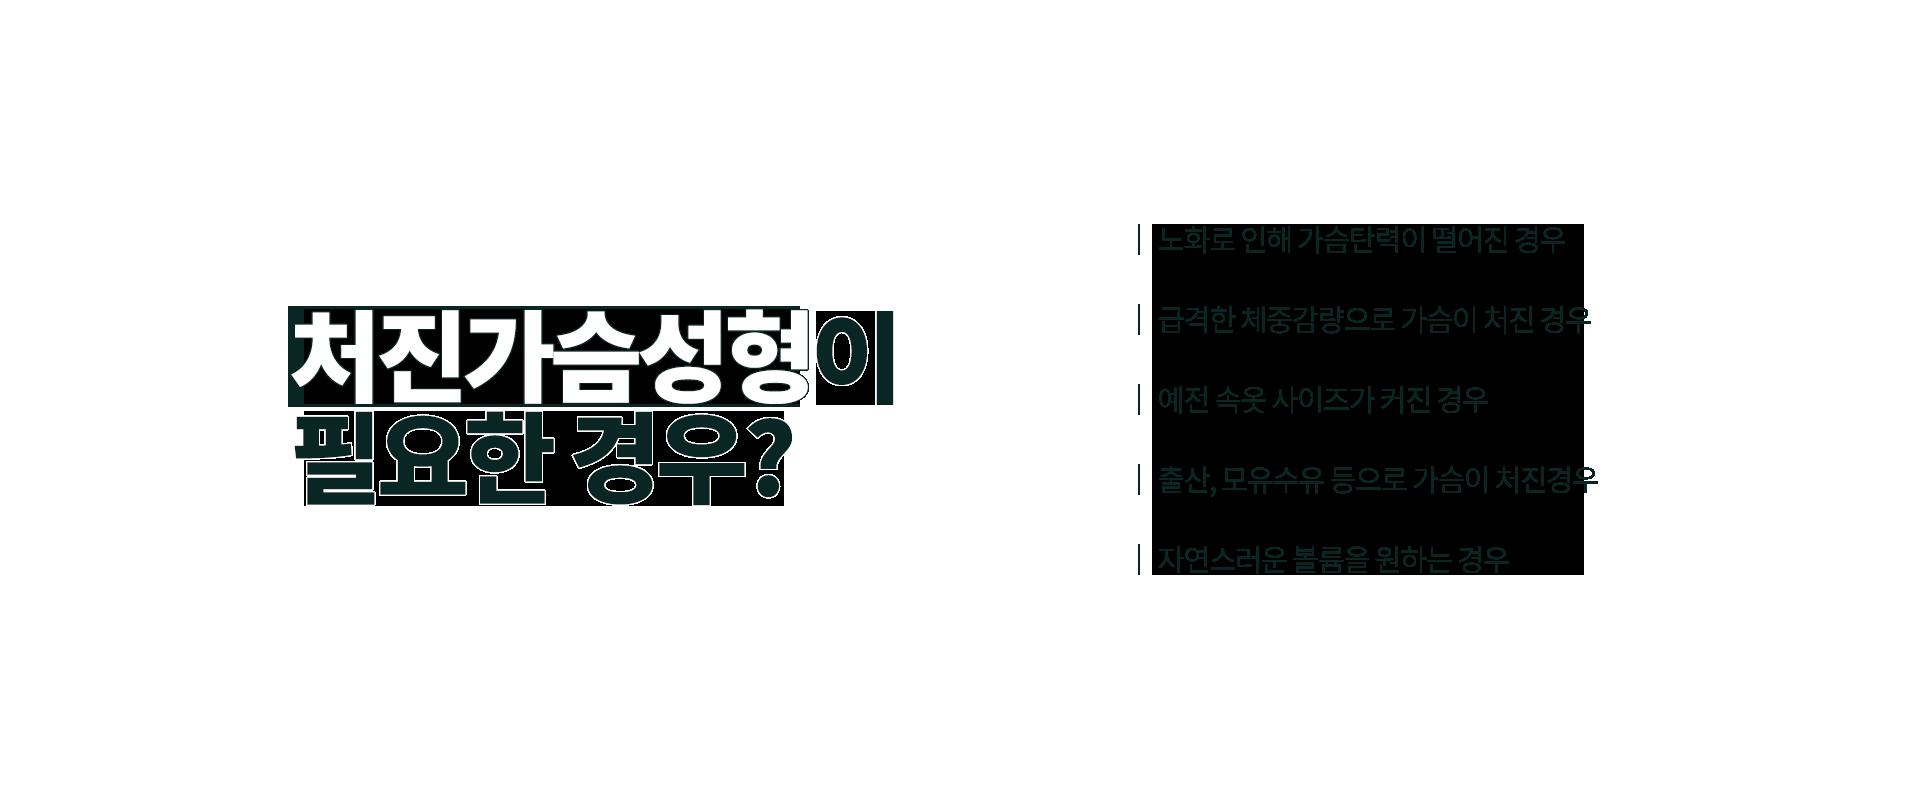 처진가슴 02